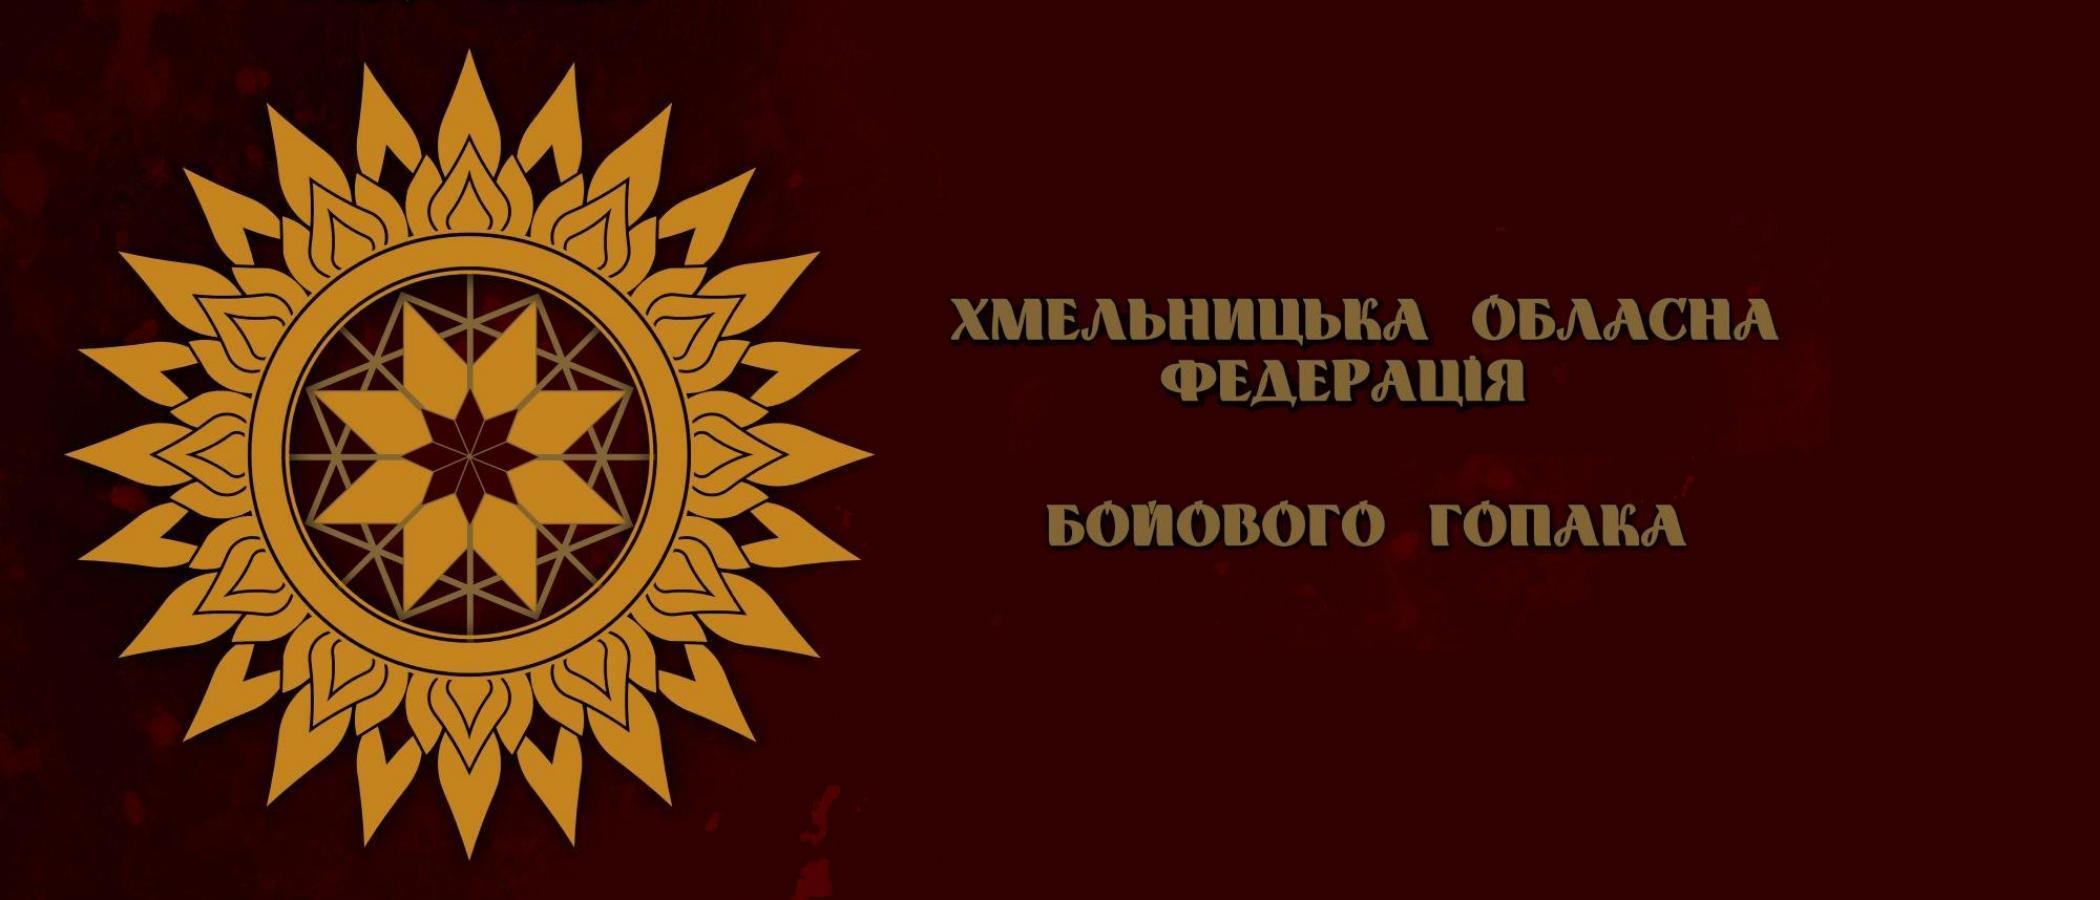 *** Хмельницька обласна федерація Бойового Гопака - історія з 2002 року ***